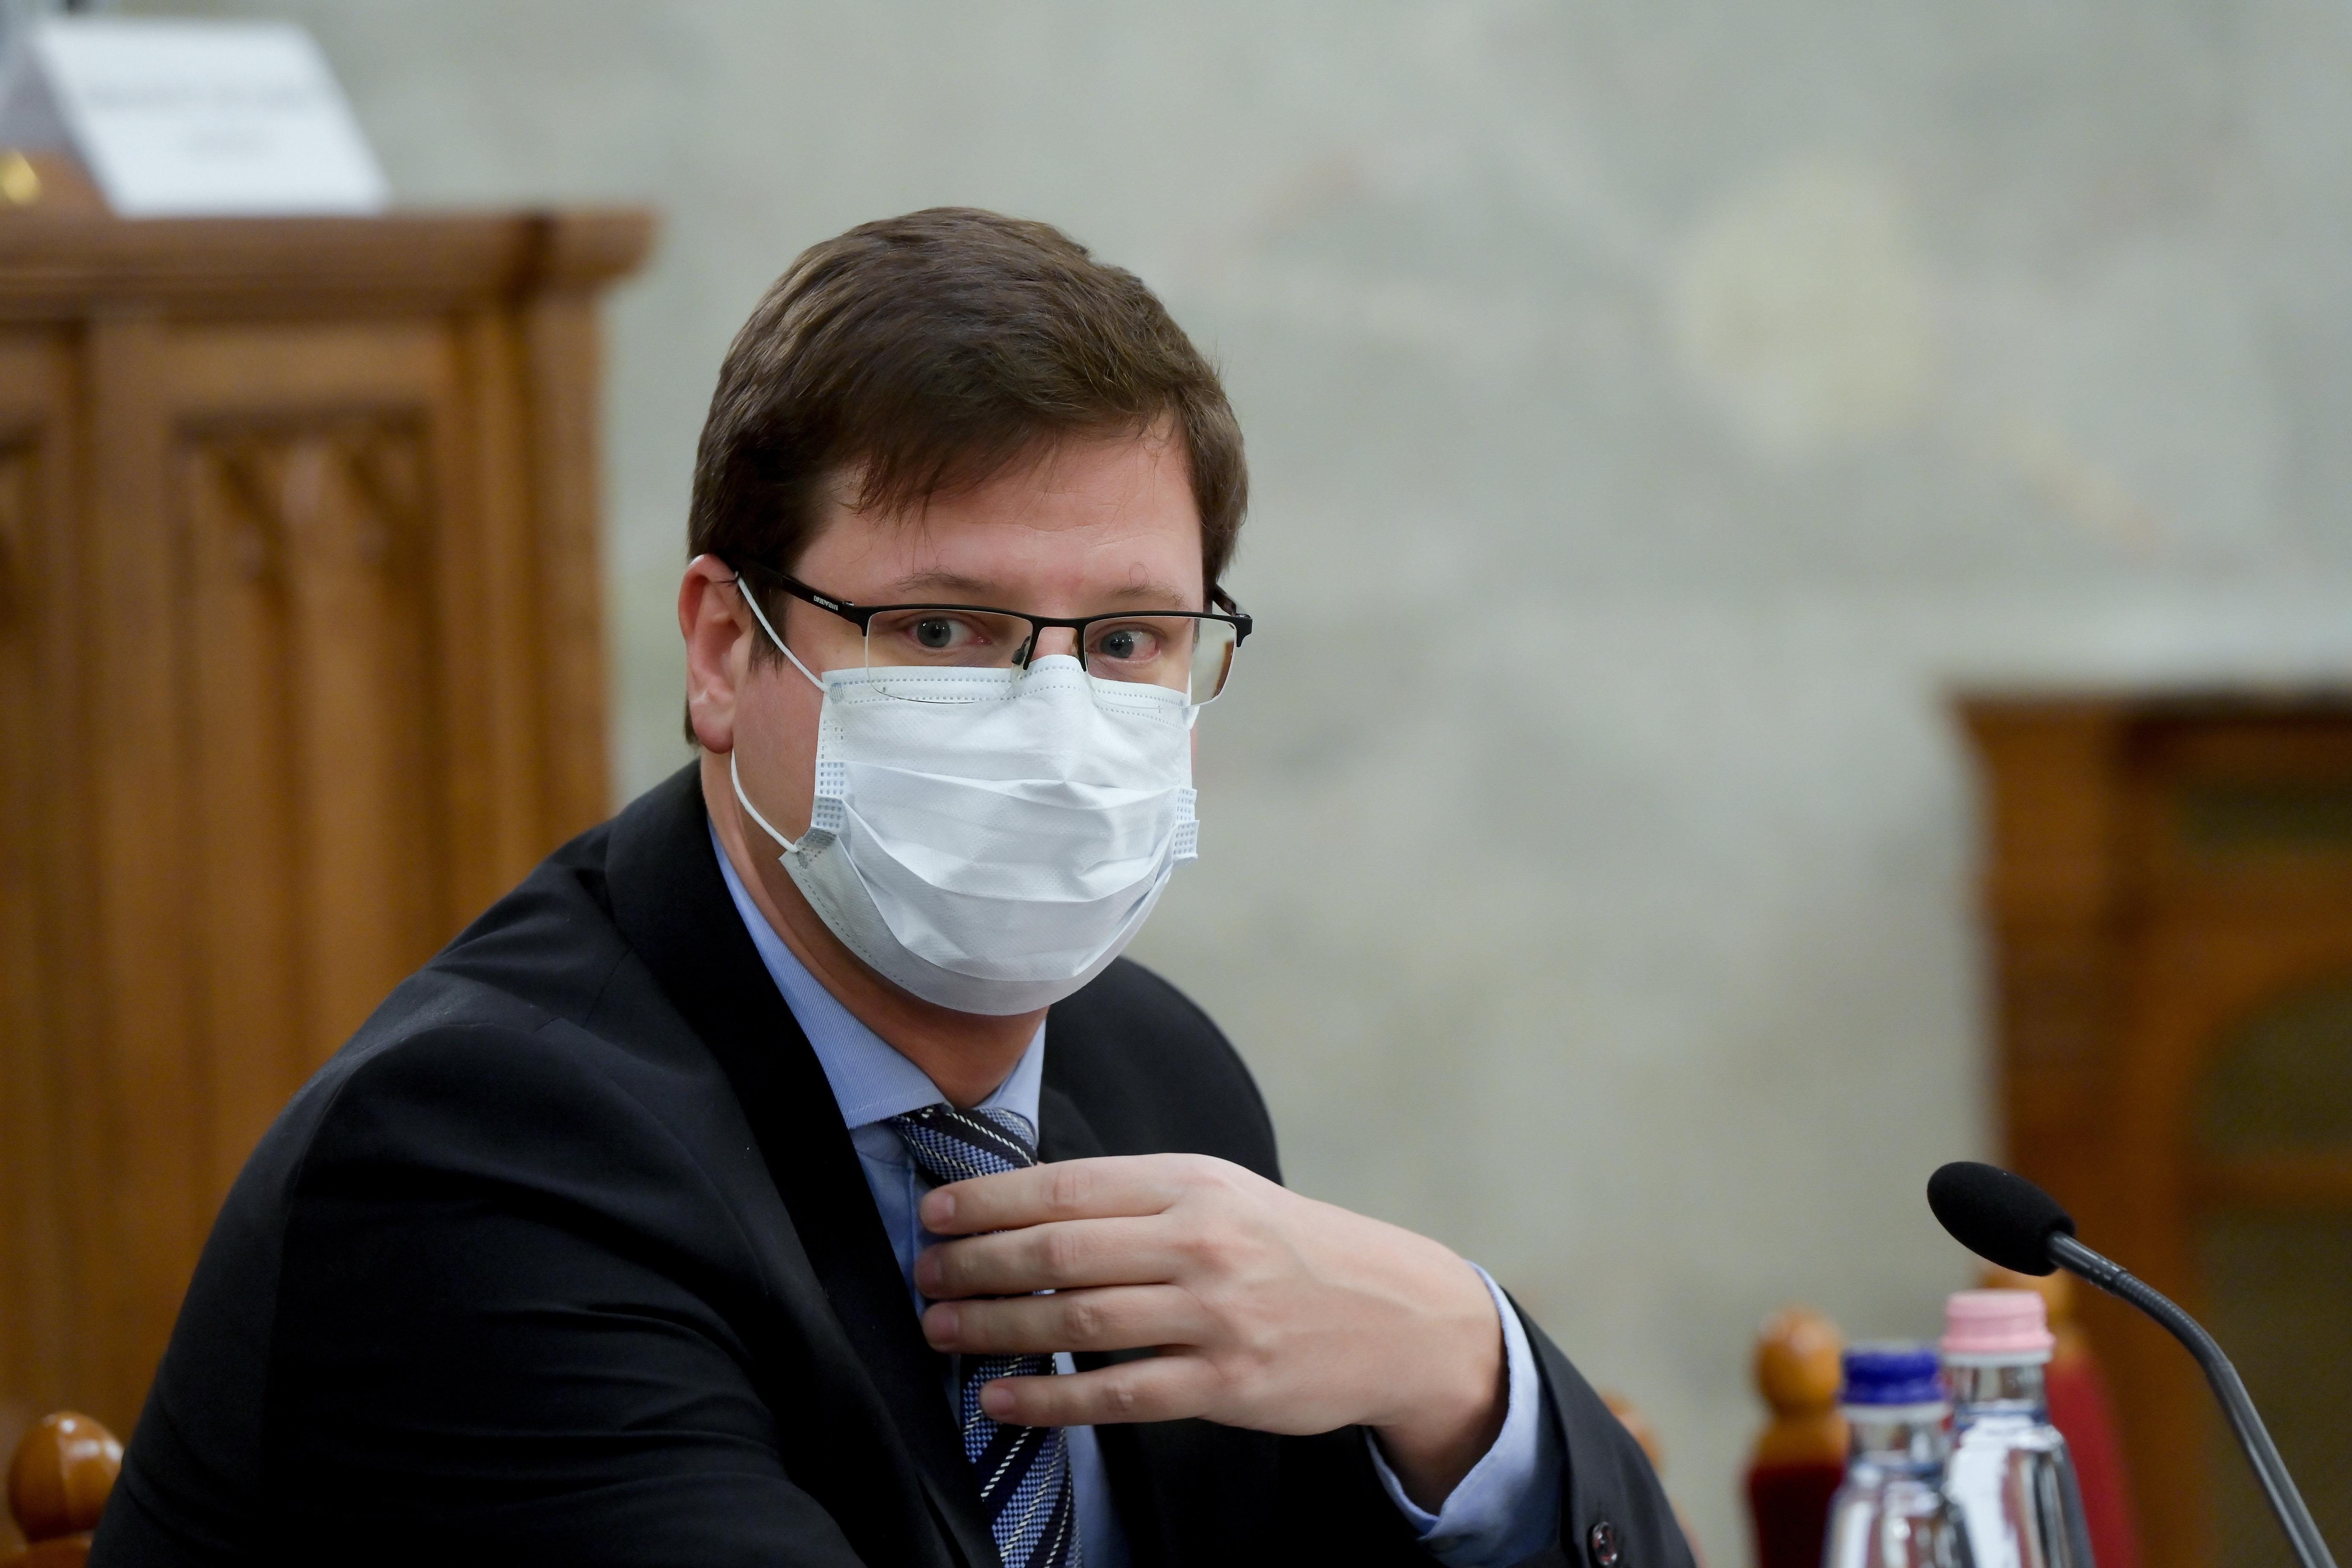 Gulyás Gergely beleásta magát az immunológiába, de a WHO tesztjén elhasalna